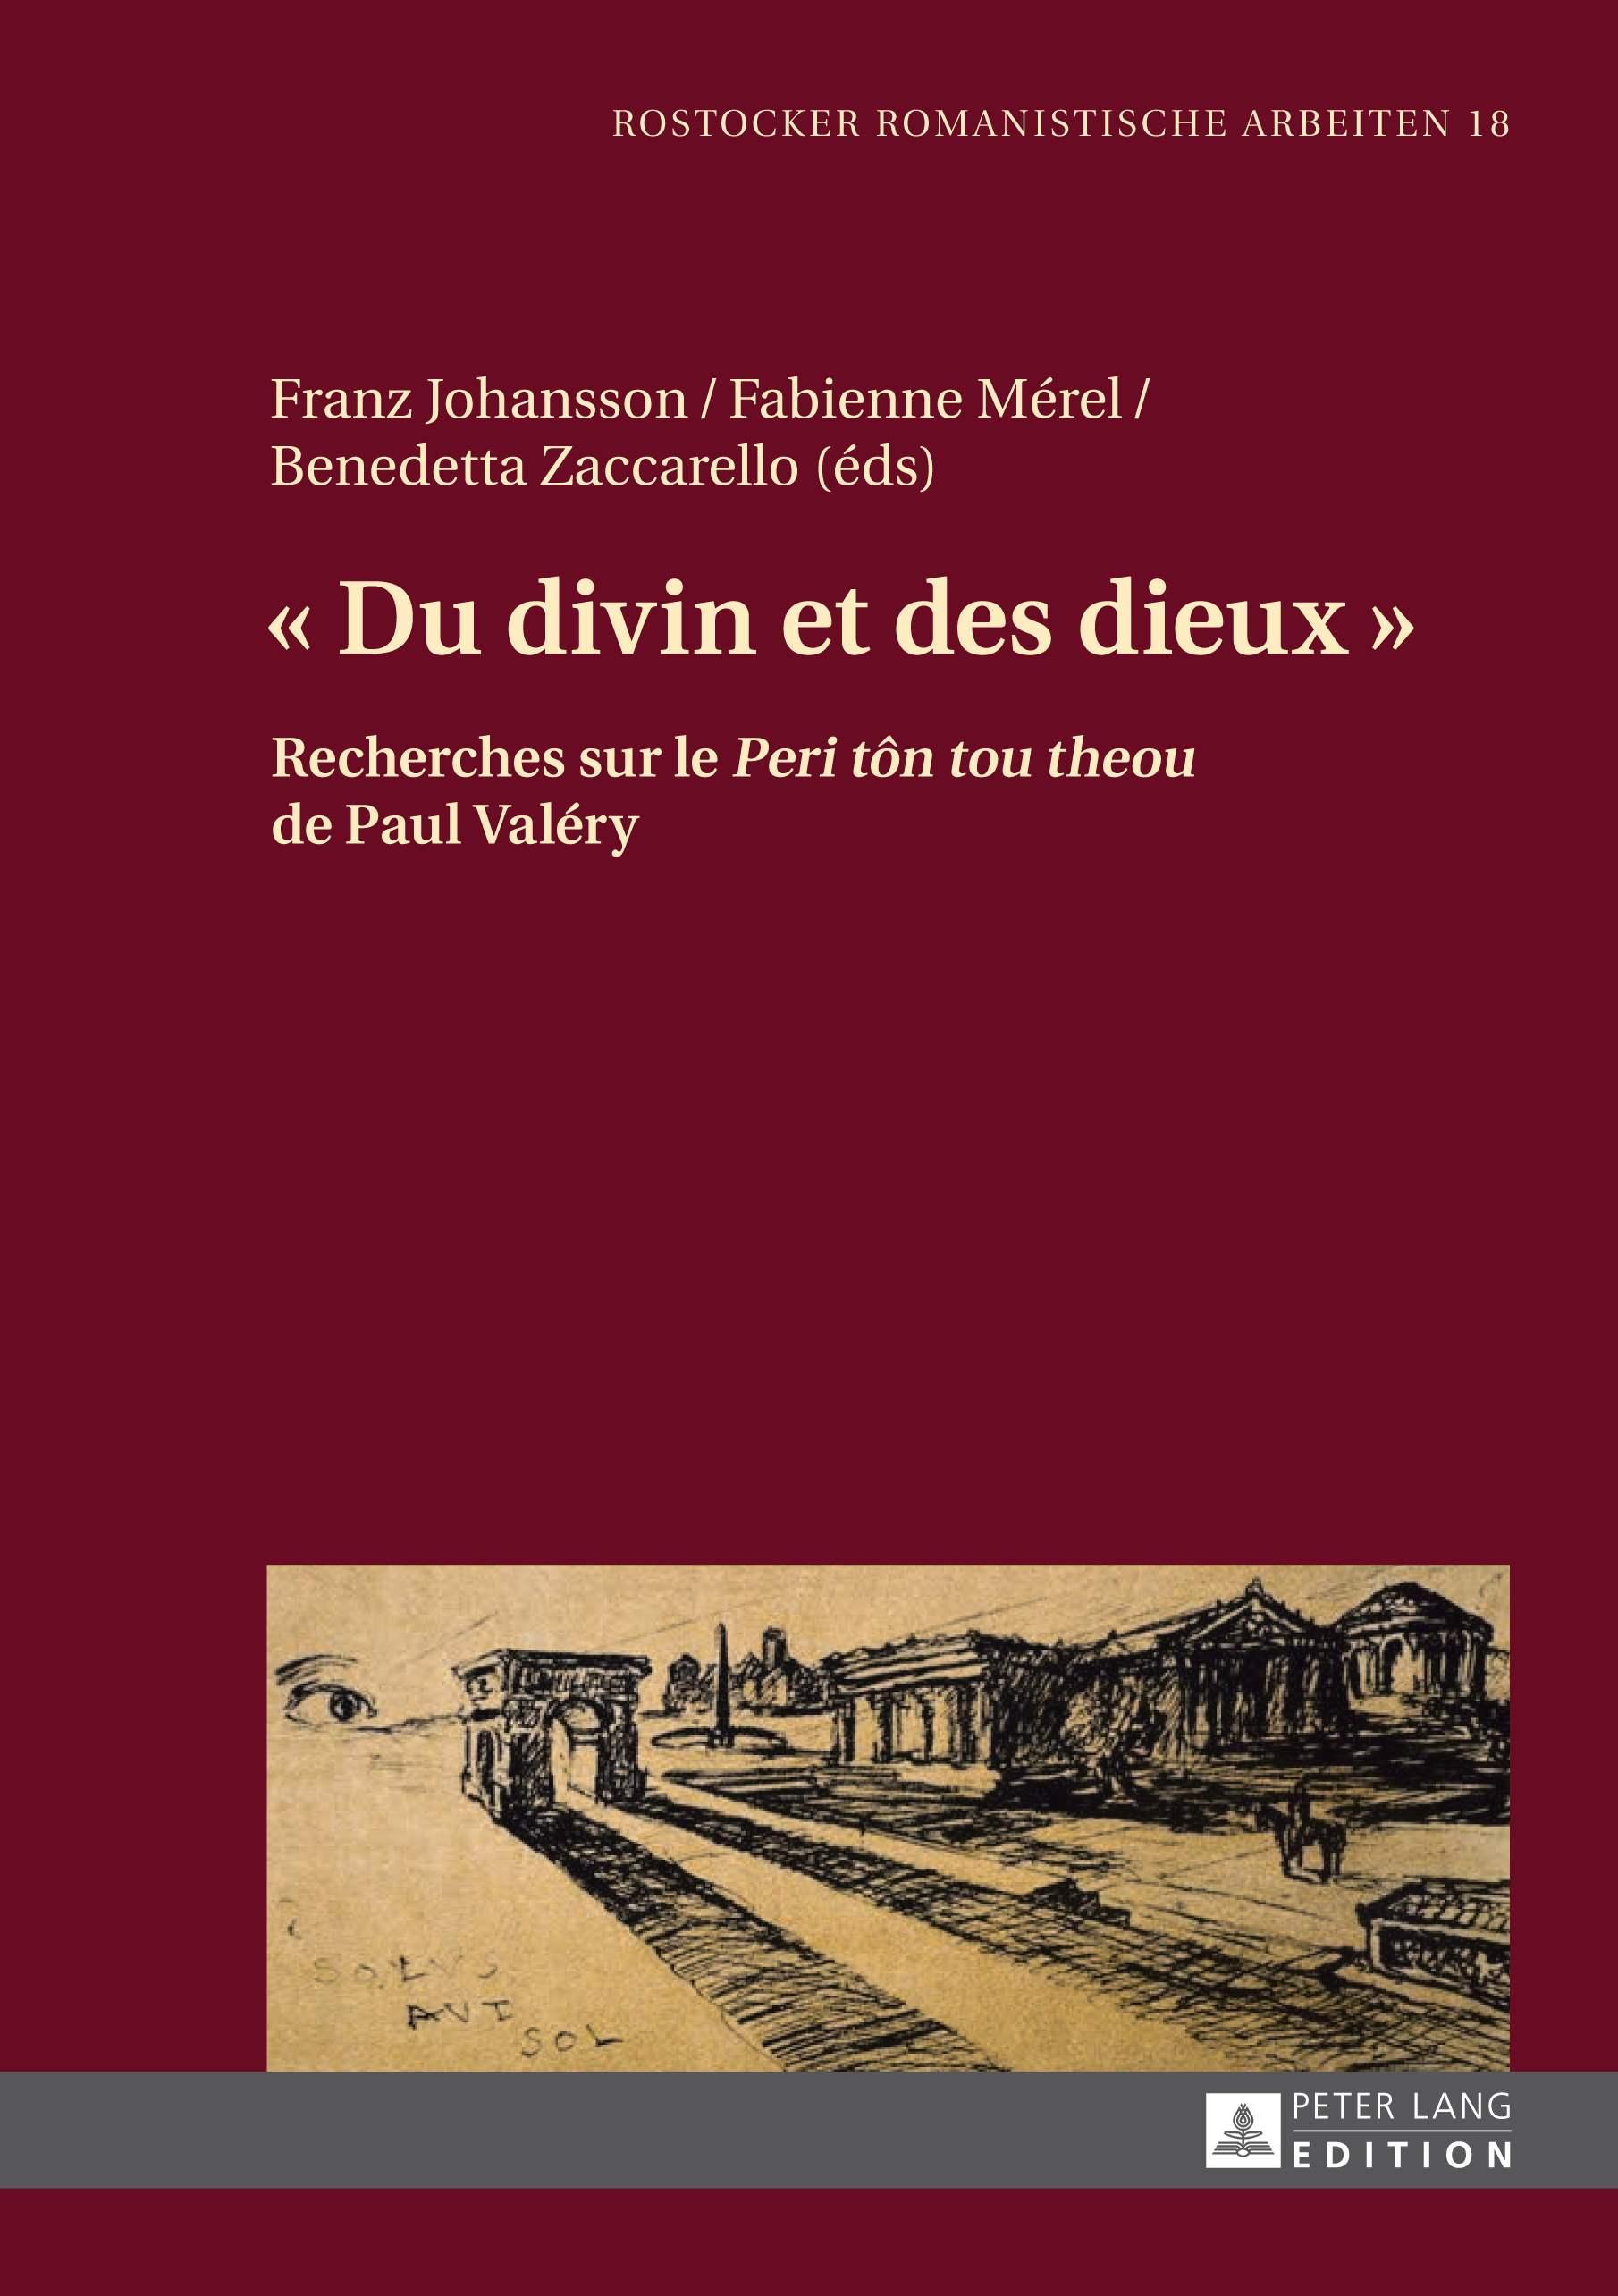 F. Johansson, F. Mérel, B. Zaccarello (éds), Du divin et des dieux, Recherches sur le Peri tôn tou theou de Paul Valéry